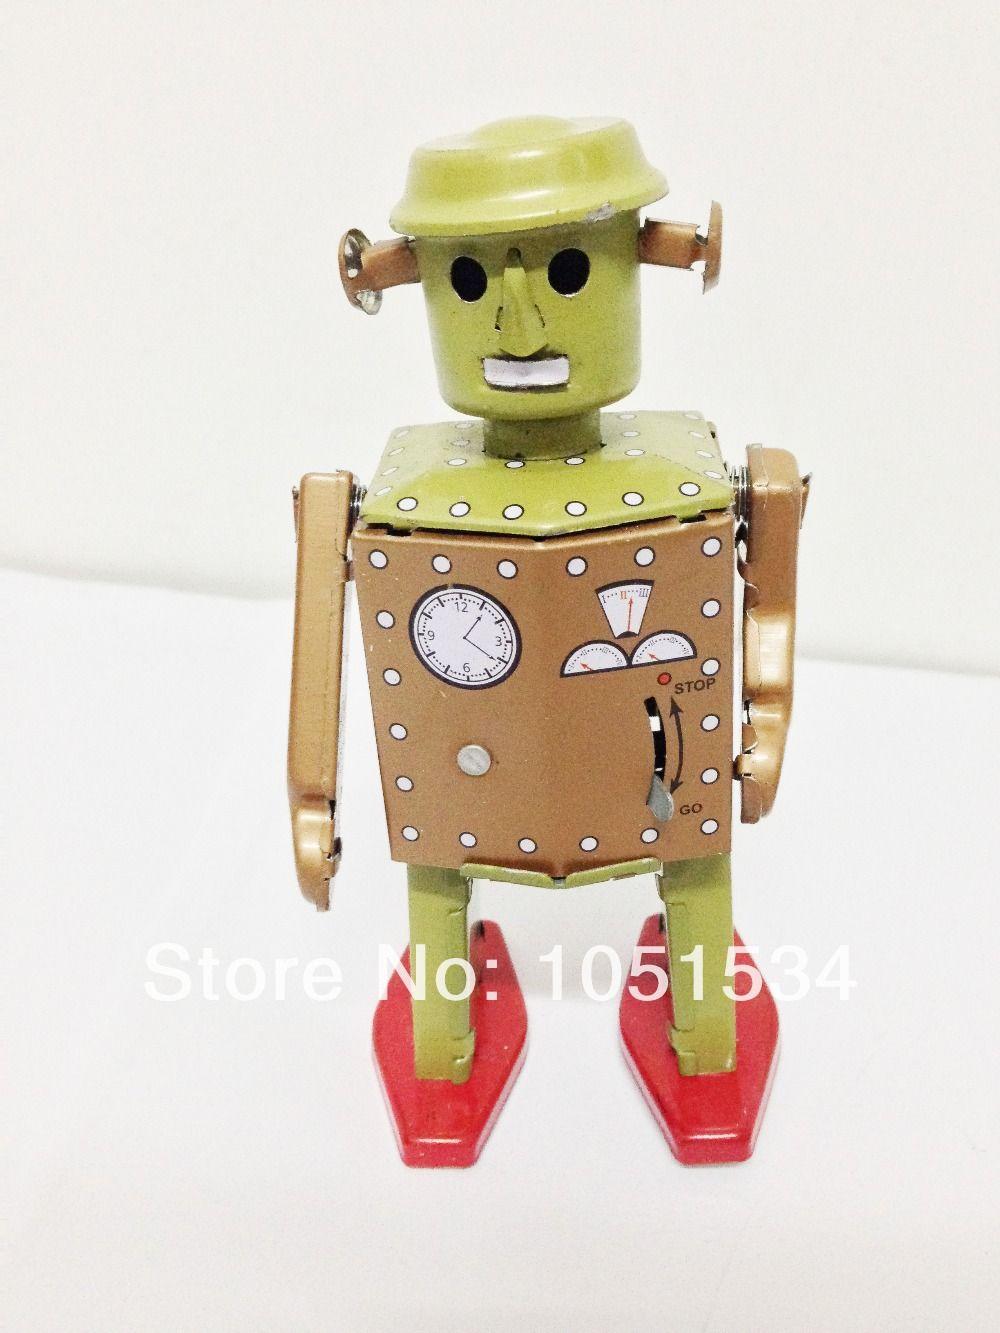 free shopping 2 pcs retro clássico relógio lata brinquedo robô 415#umming exportações colecionáveis 39.00